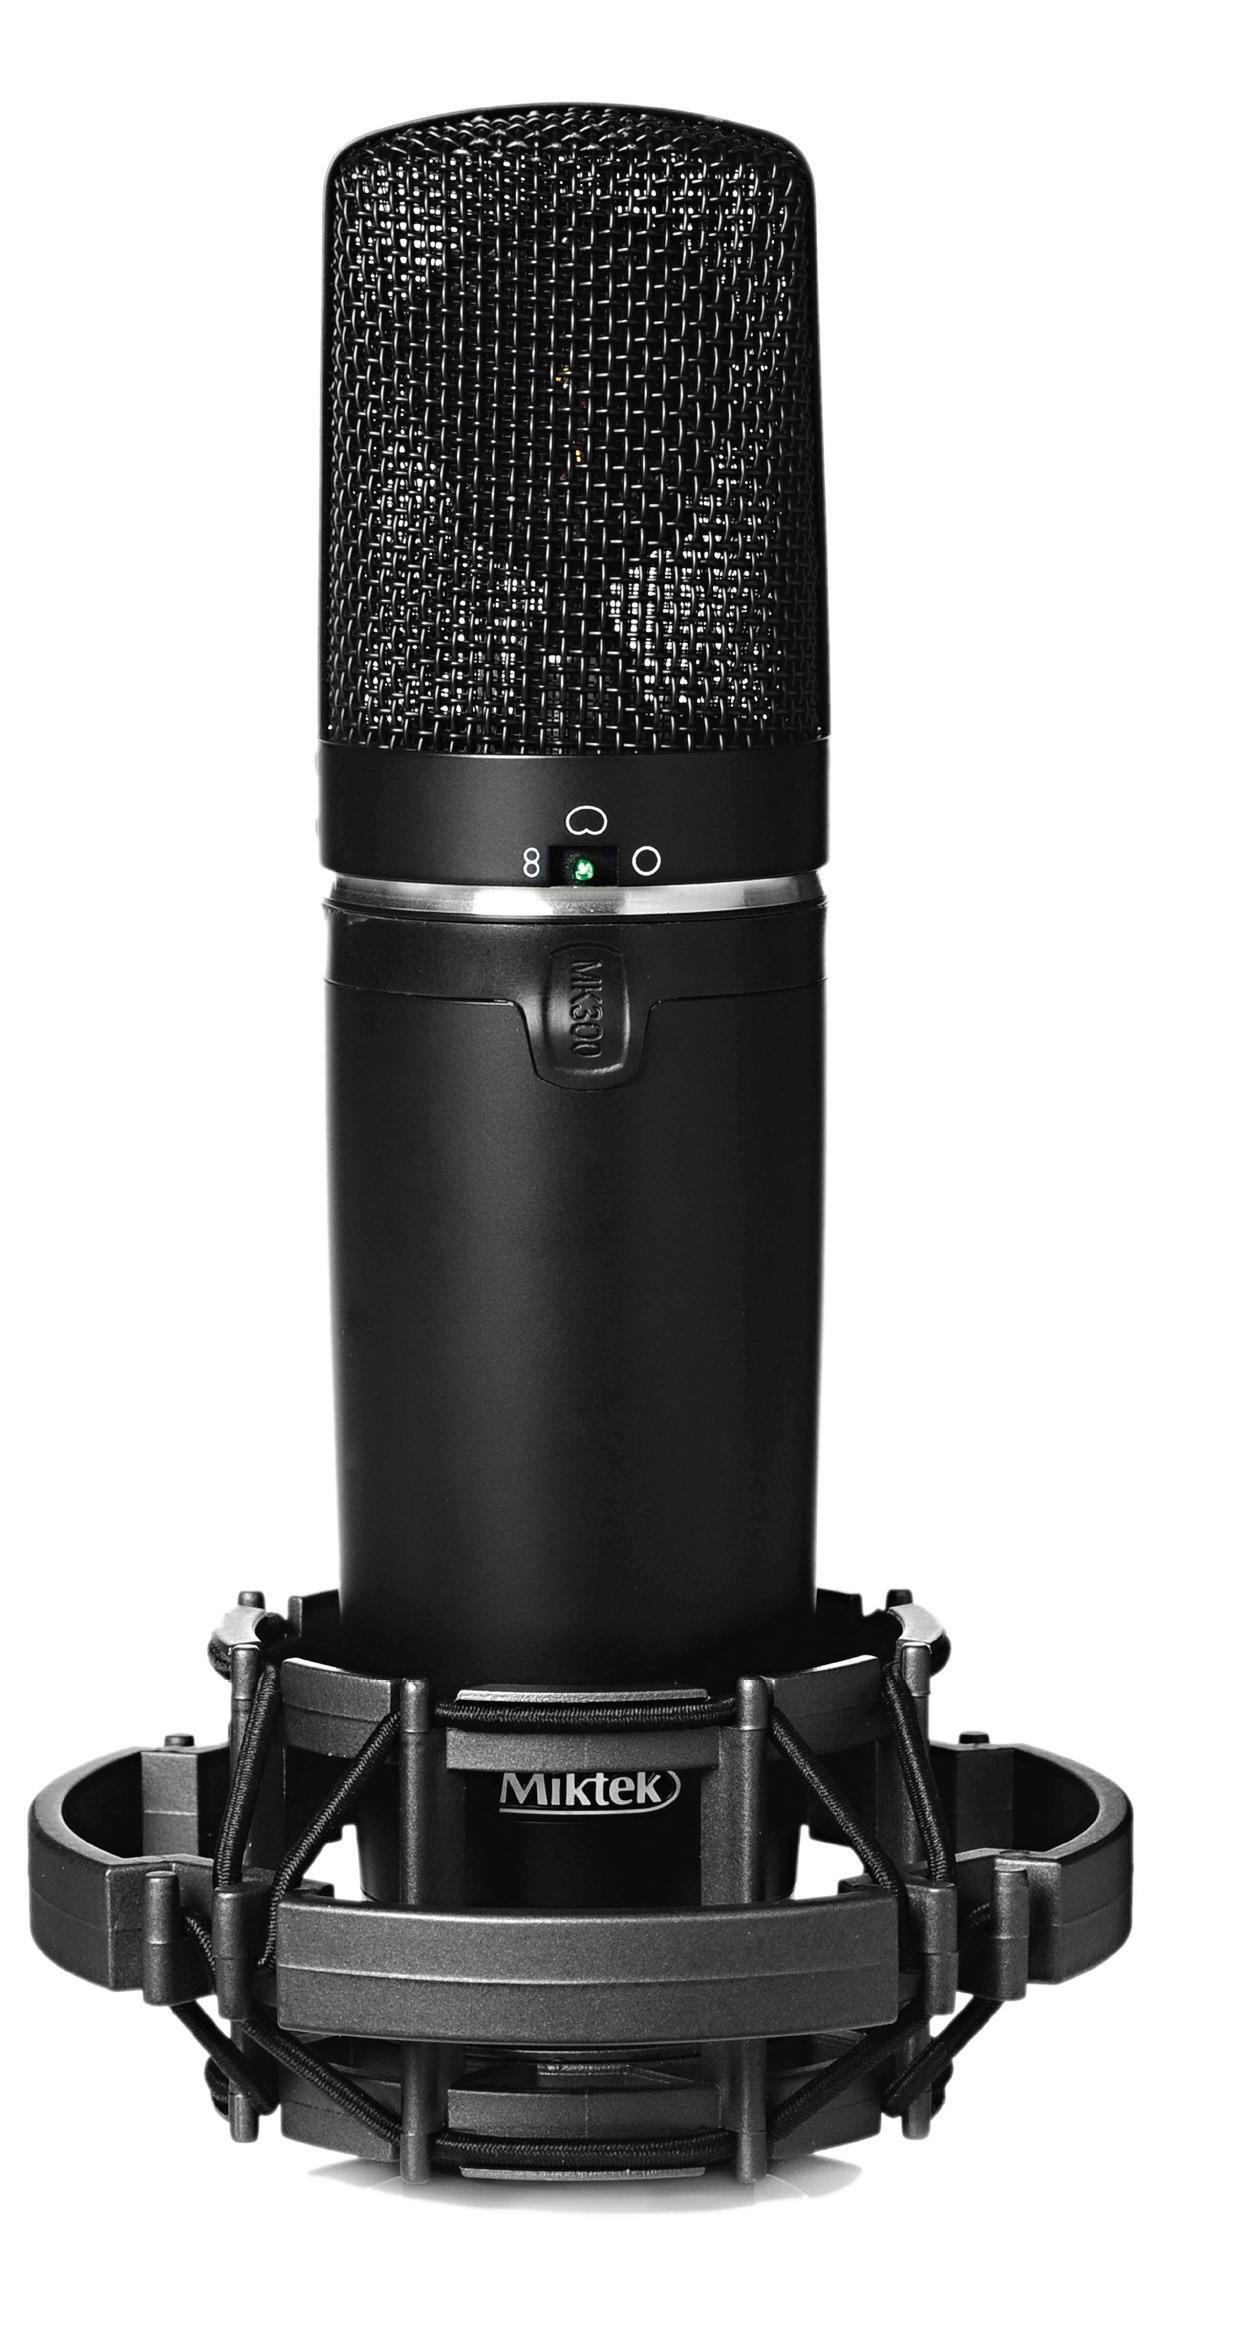 Veľkomembránové mikrofóny